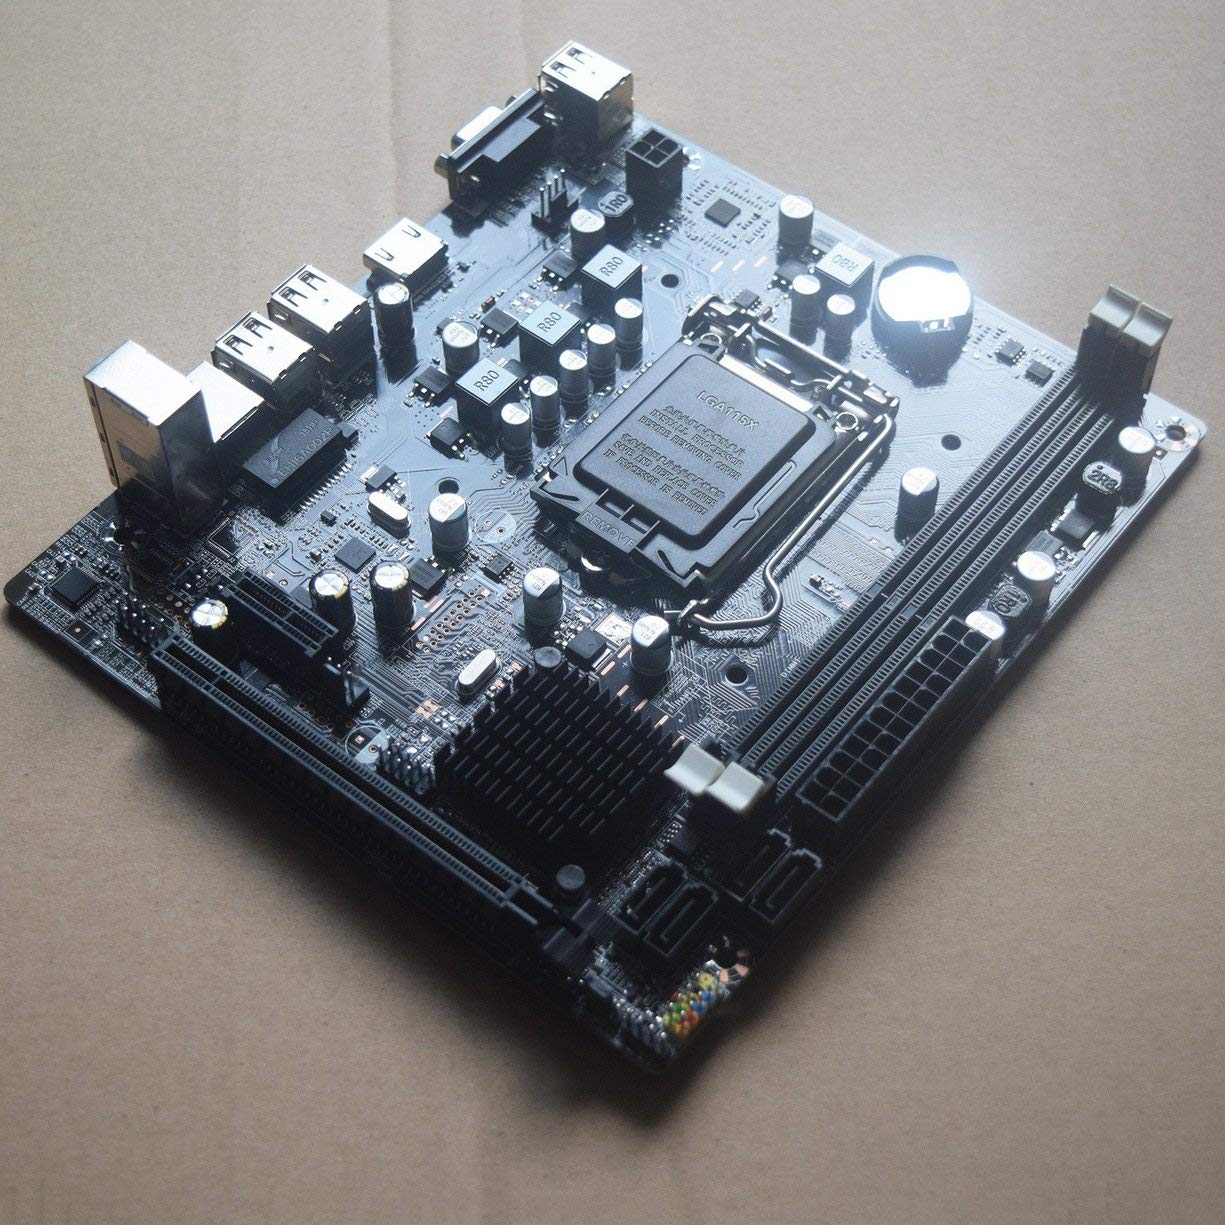 B75-1155 Placa Base para computadora de Escritorio Placa Base Profesional CPU Interfaz LGA 1155 Accesorios de computadora duraderos Detectoy Placa Base para computadora de Escritorio